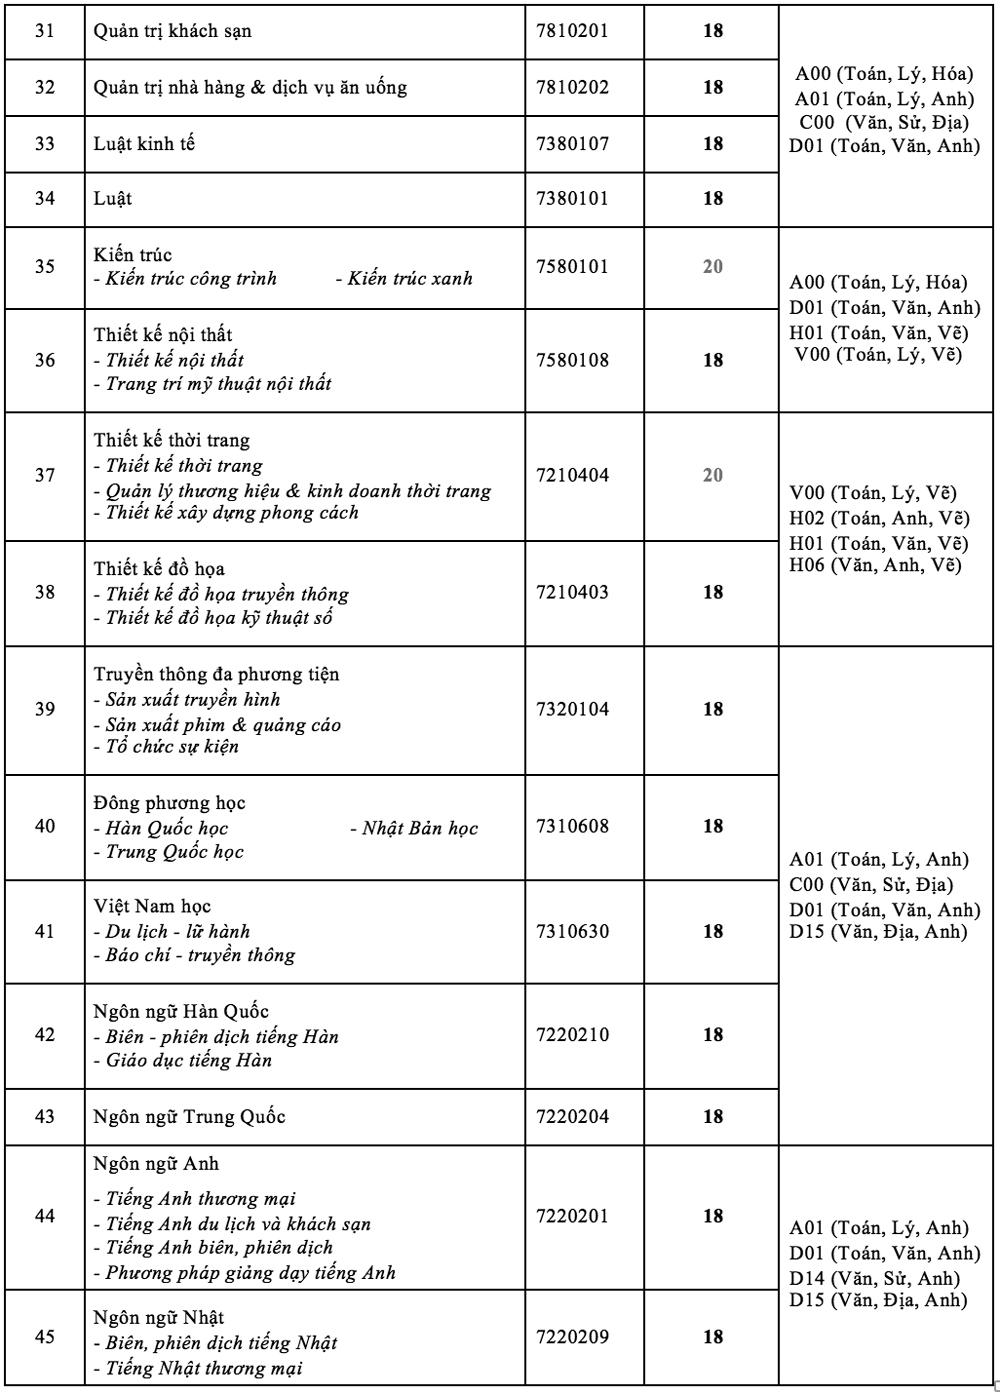 Điểm chuẩn Đại học Công nghệ, Kinh tế - Tài chính TP HCM - 2